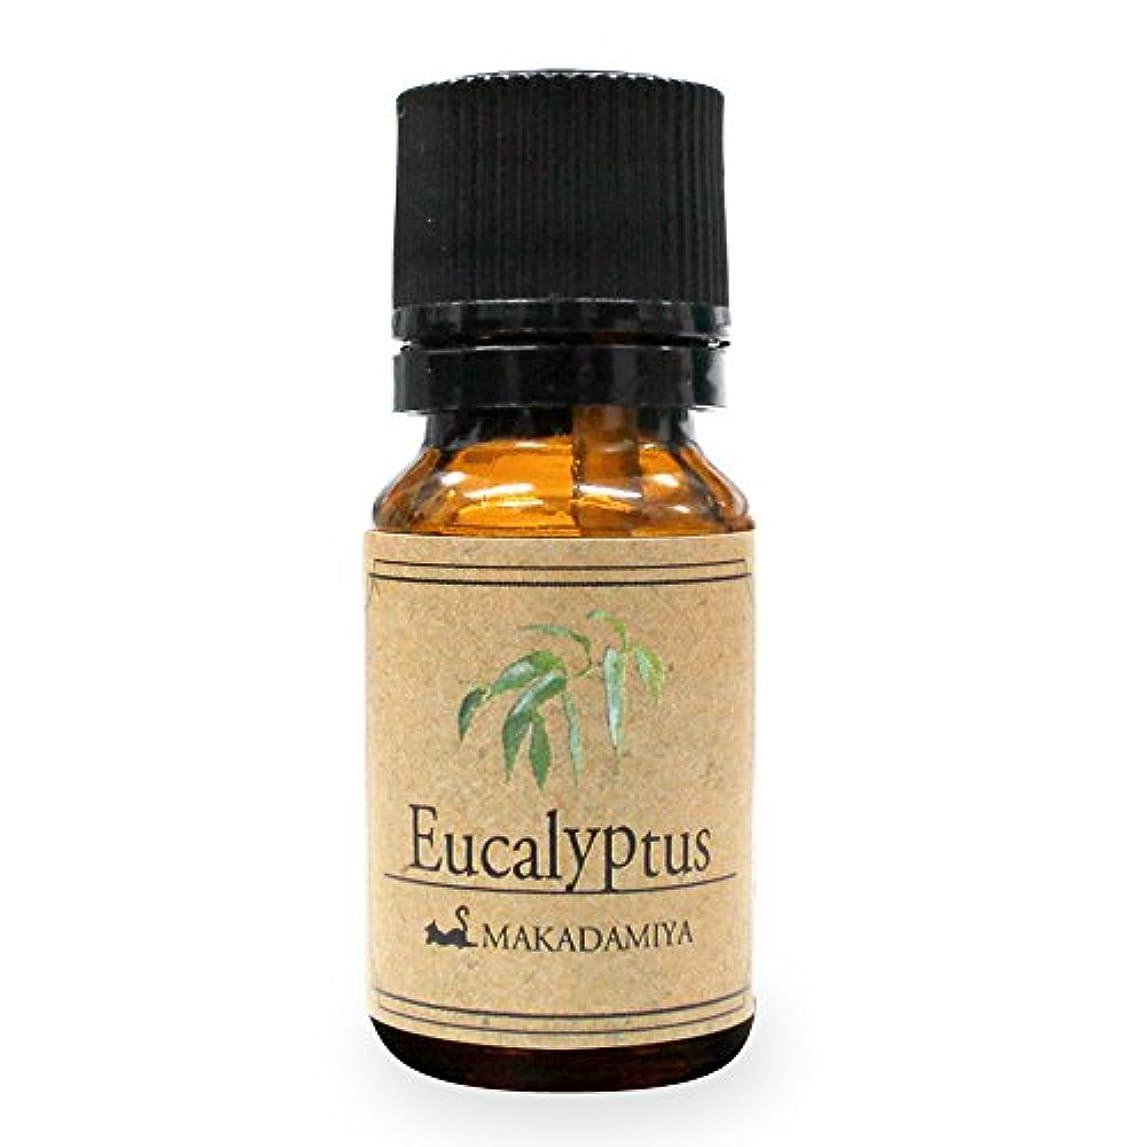 滅びるアームストロング送料ユーカリ10ml 天然100%植物性 エッセンシャルオイル(精油) アロマオイル アロママッサージ aroma Eucalyptus